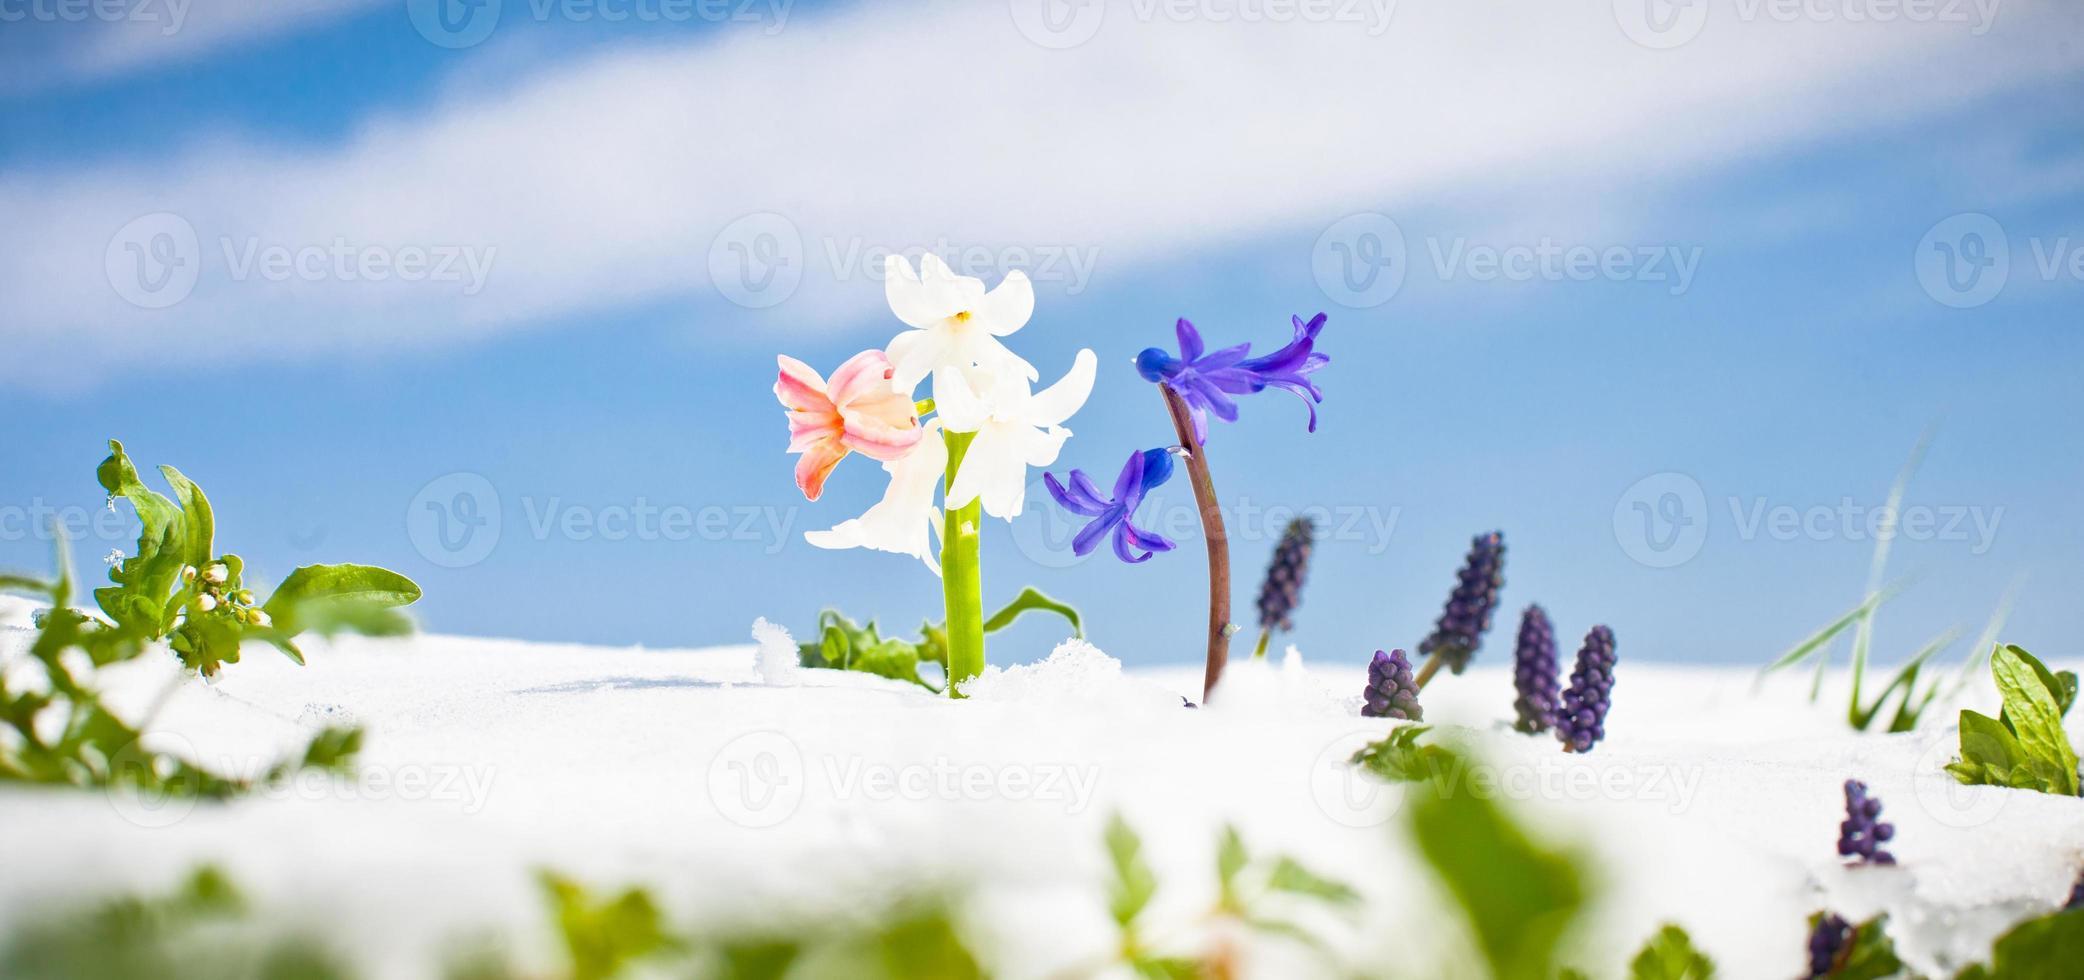 erste Frühlingsblumen mit Schnee gegen blauen Himmel foto